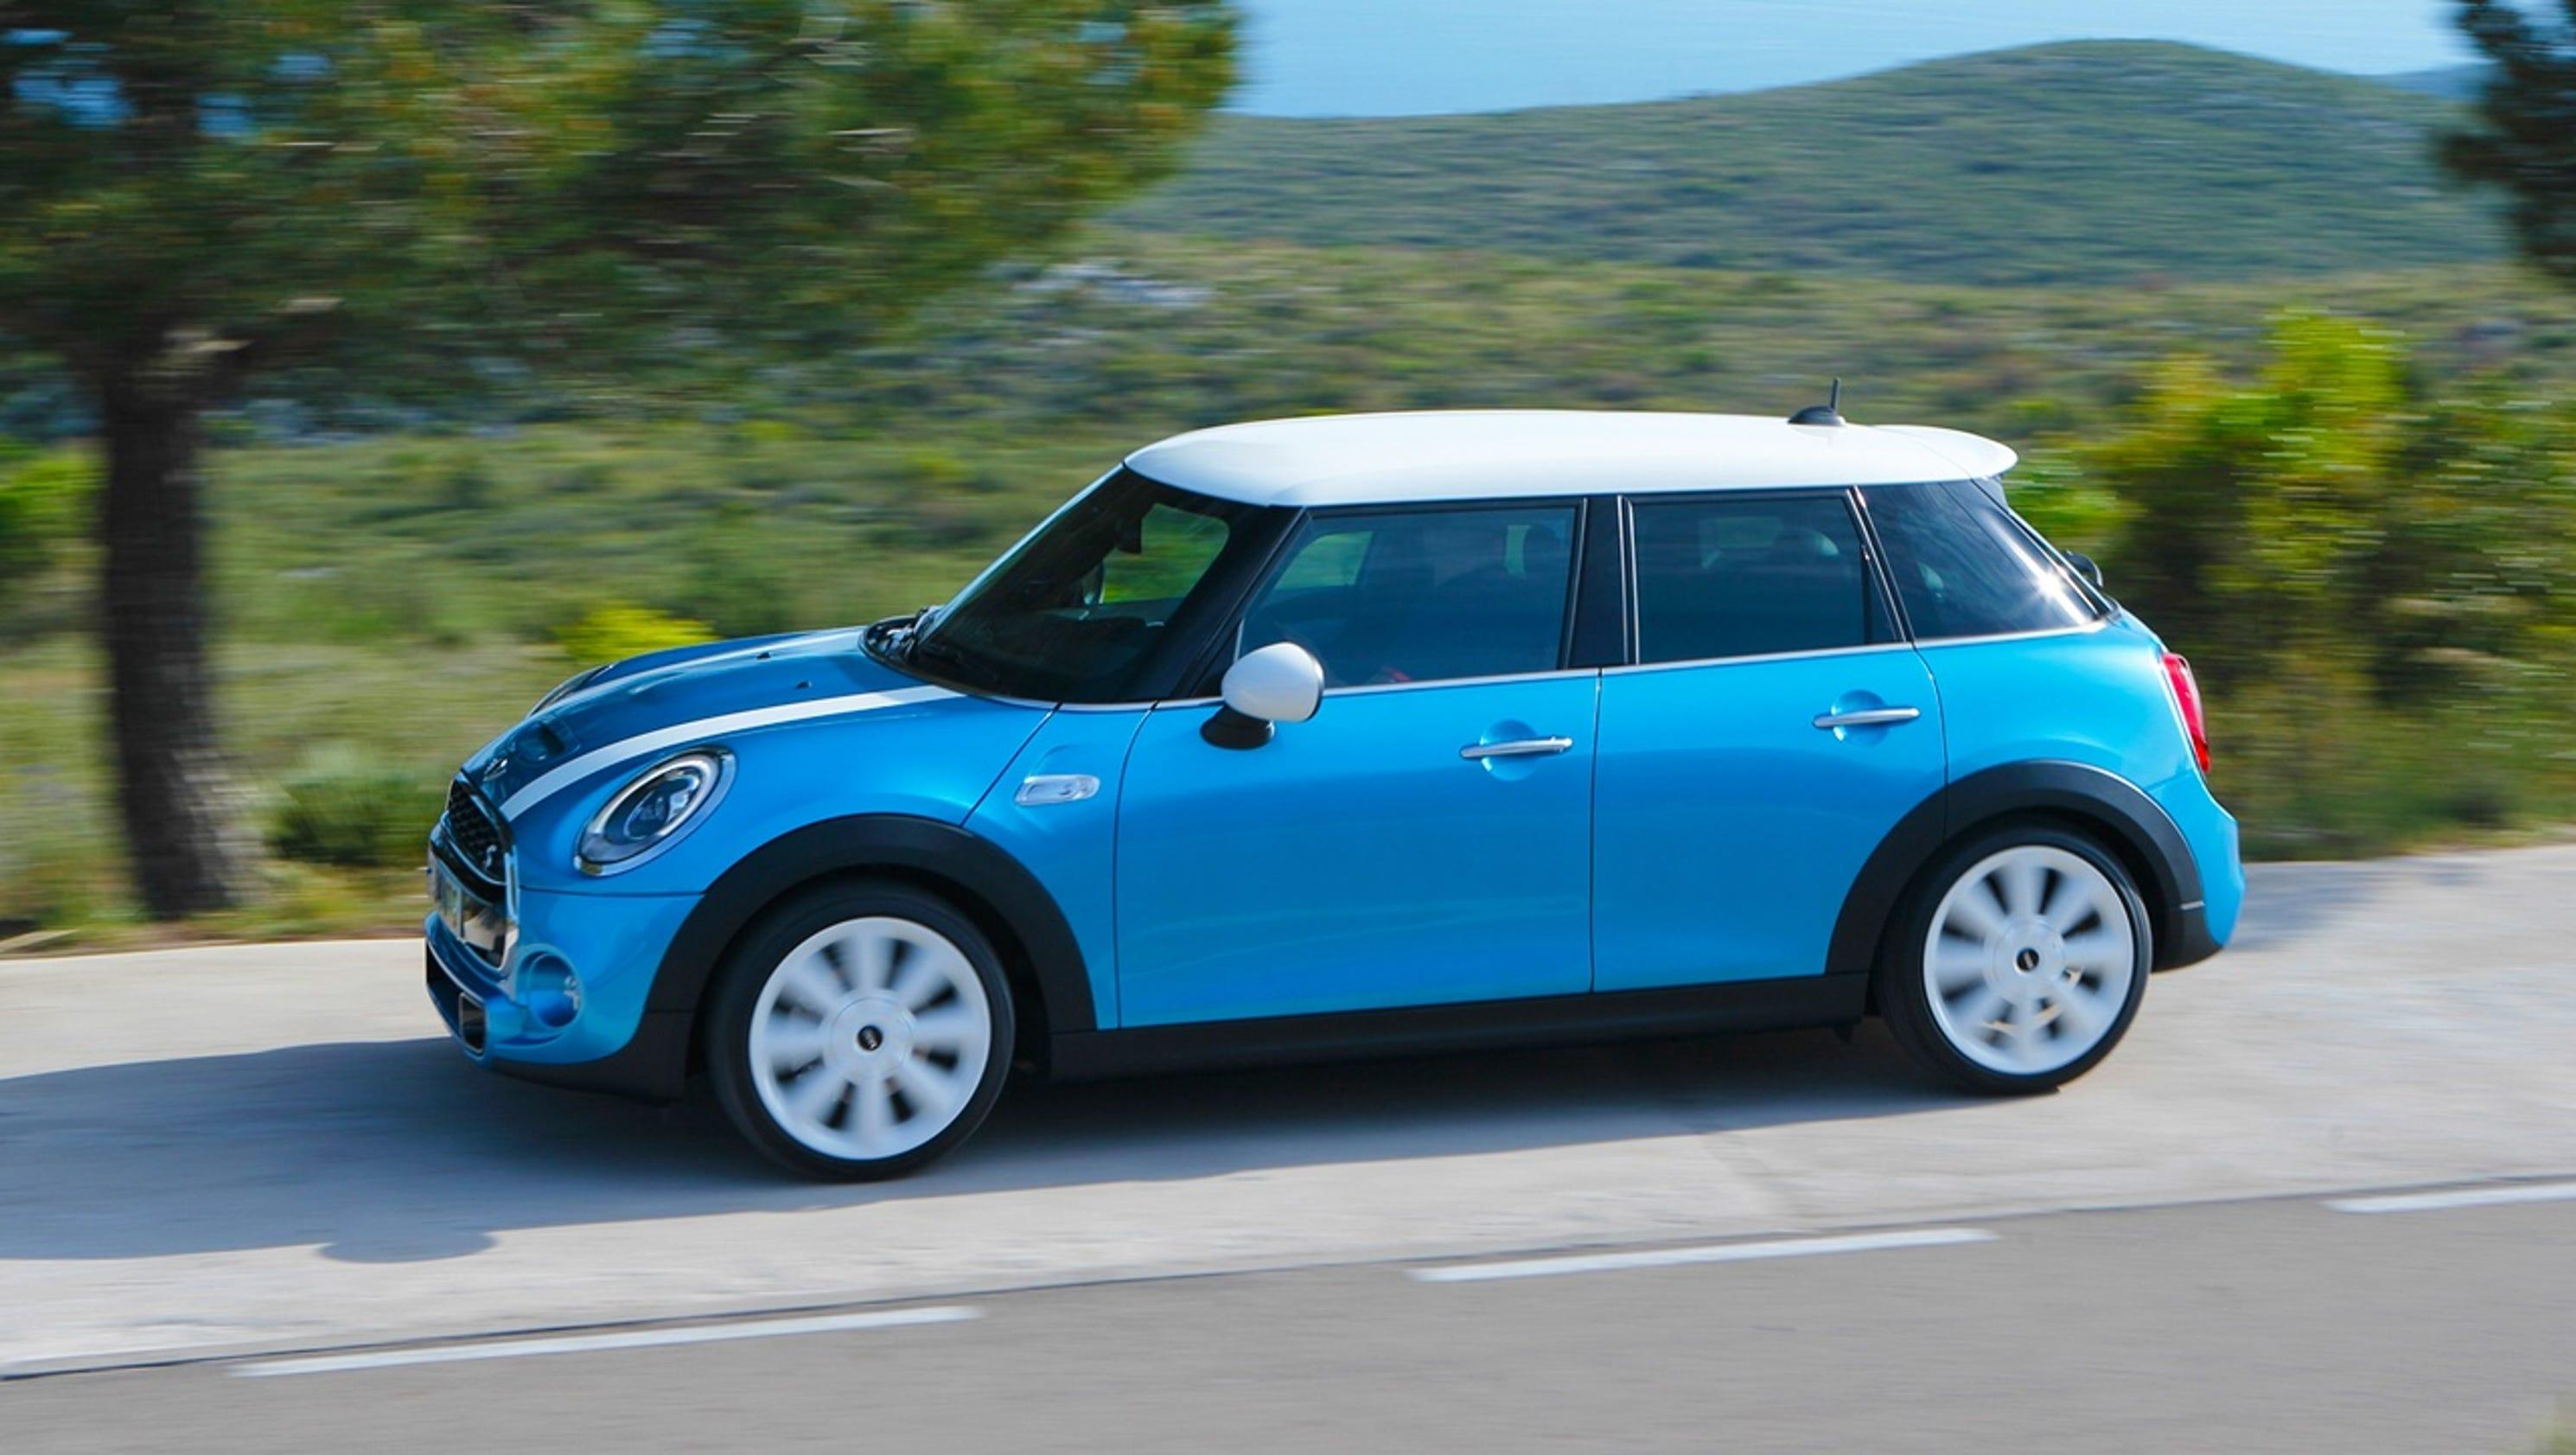 car review 2015 mini cooper s 4 door. Black Bedroom Furniture Sets. Home Design Ideas